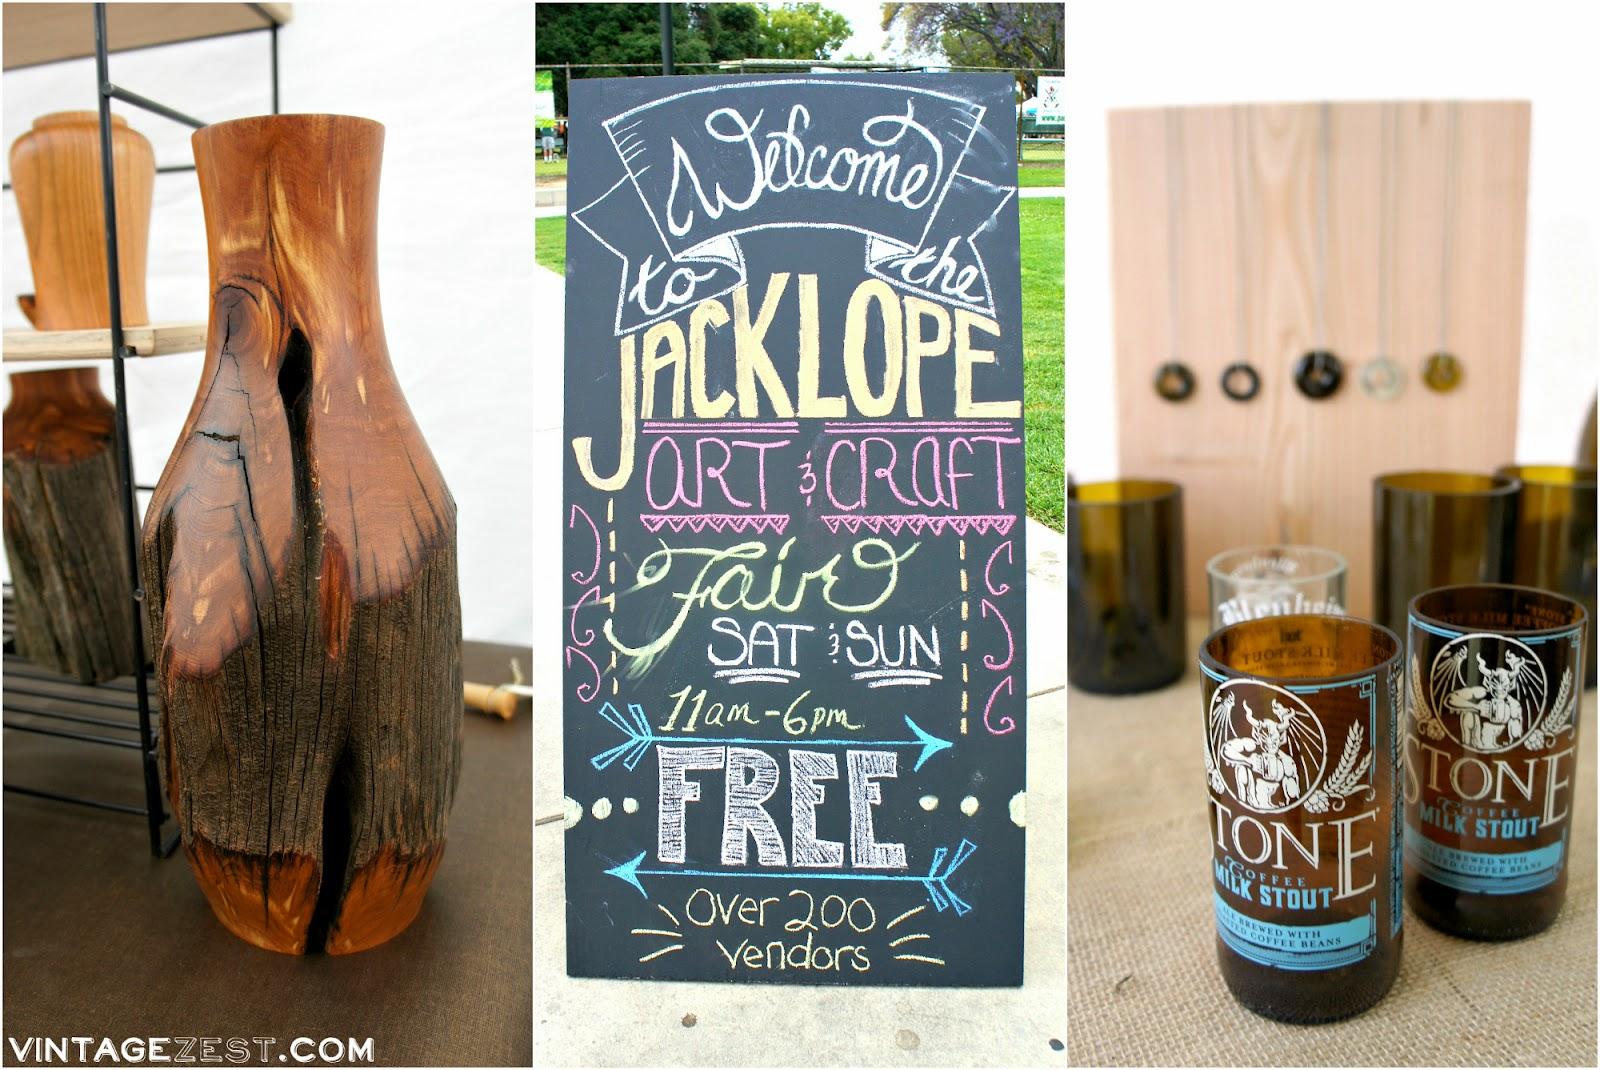 Jackalope Arts Wrap-up on Diane's Vintage Zest!